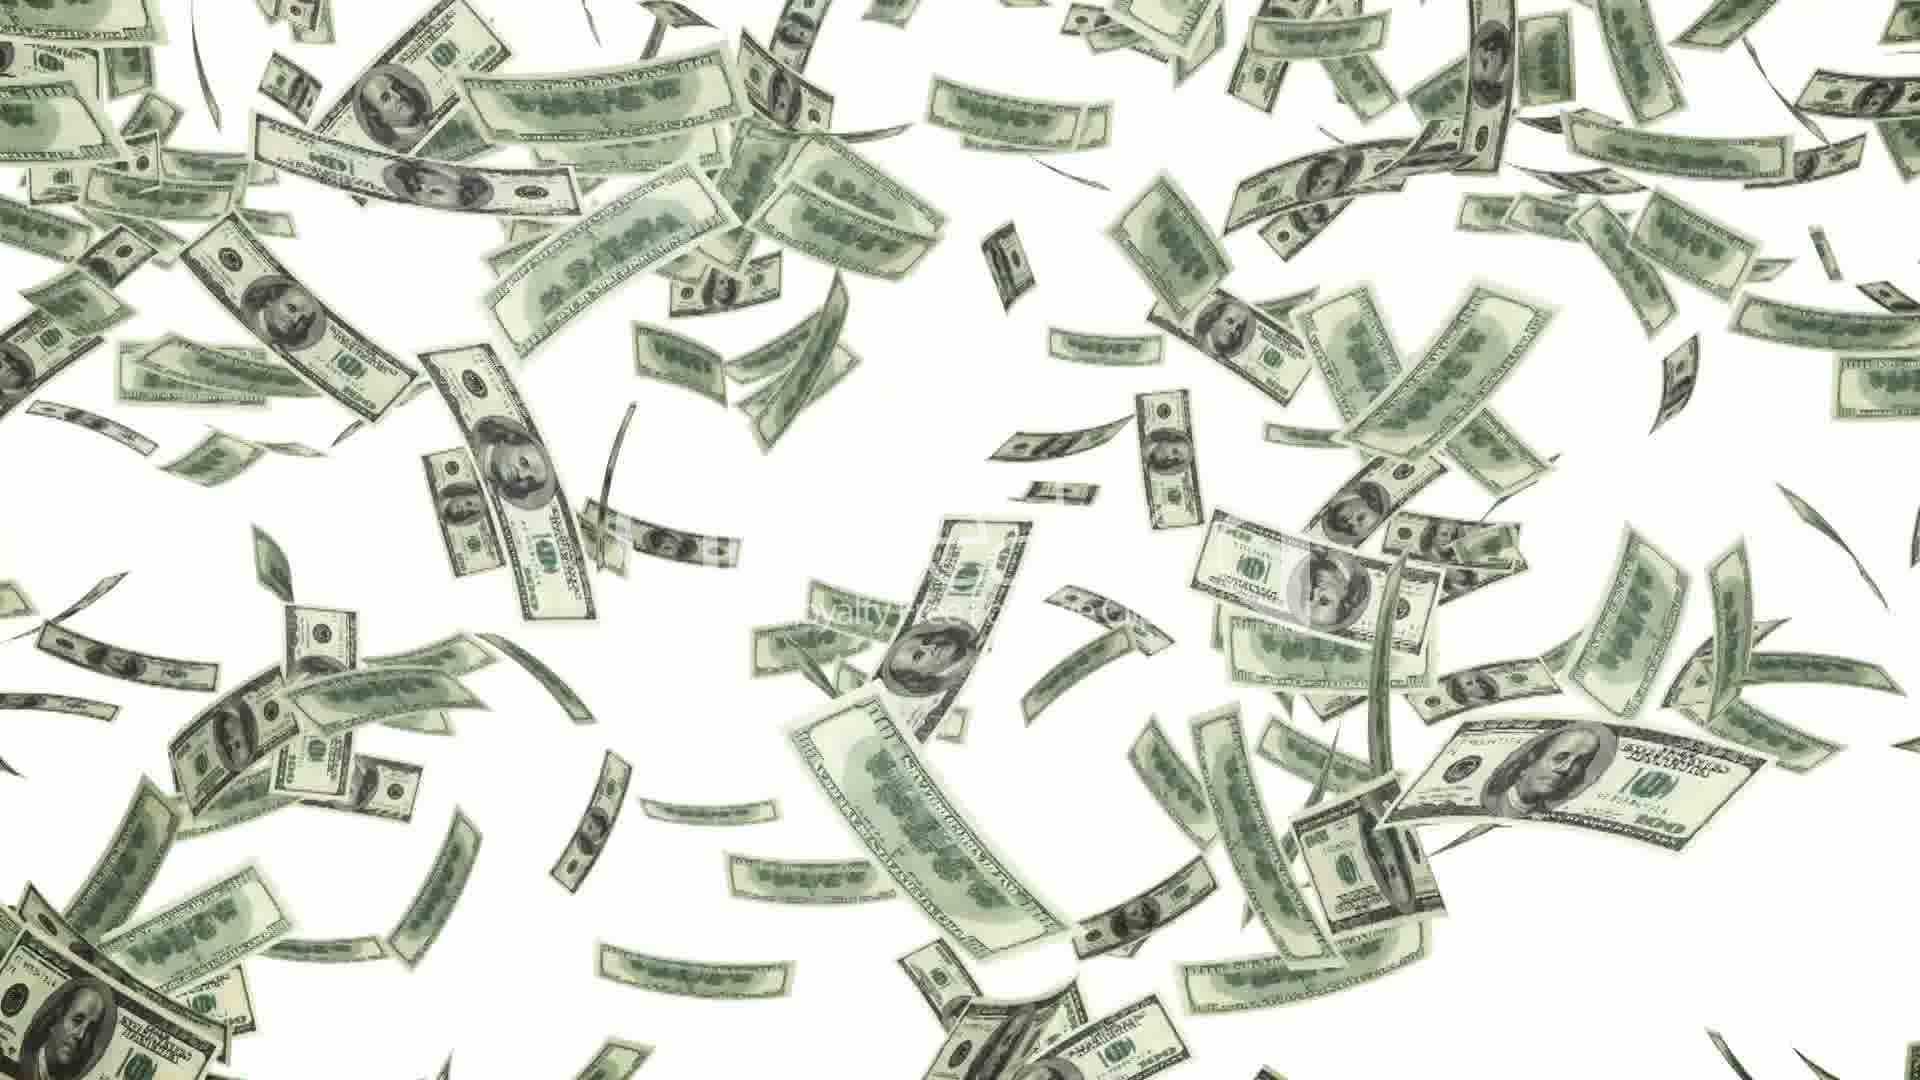 dollar bills falling on - photo #8